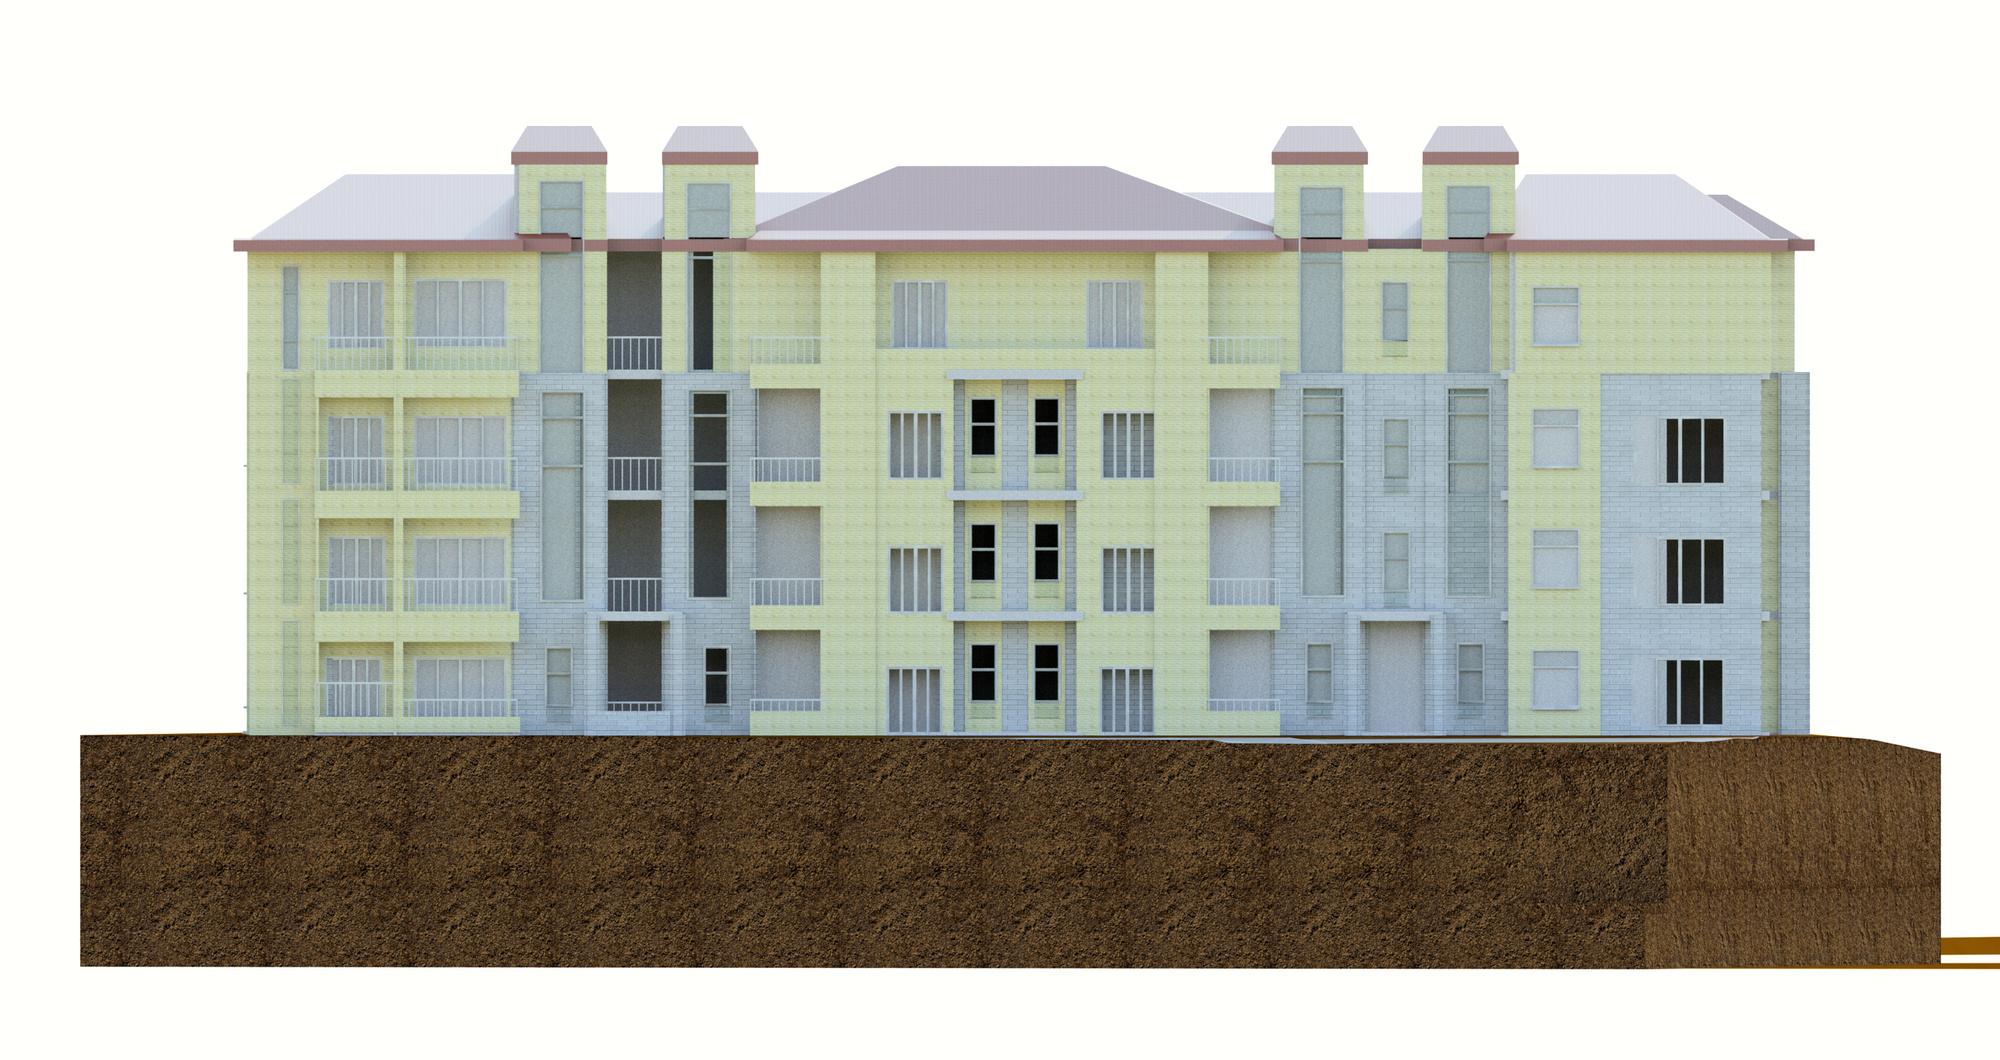 Raas-rendering20150205-29641-1xg1f0d